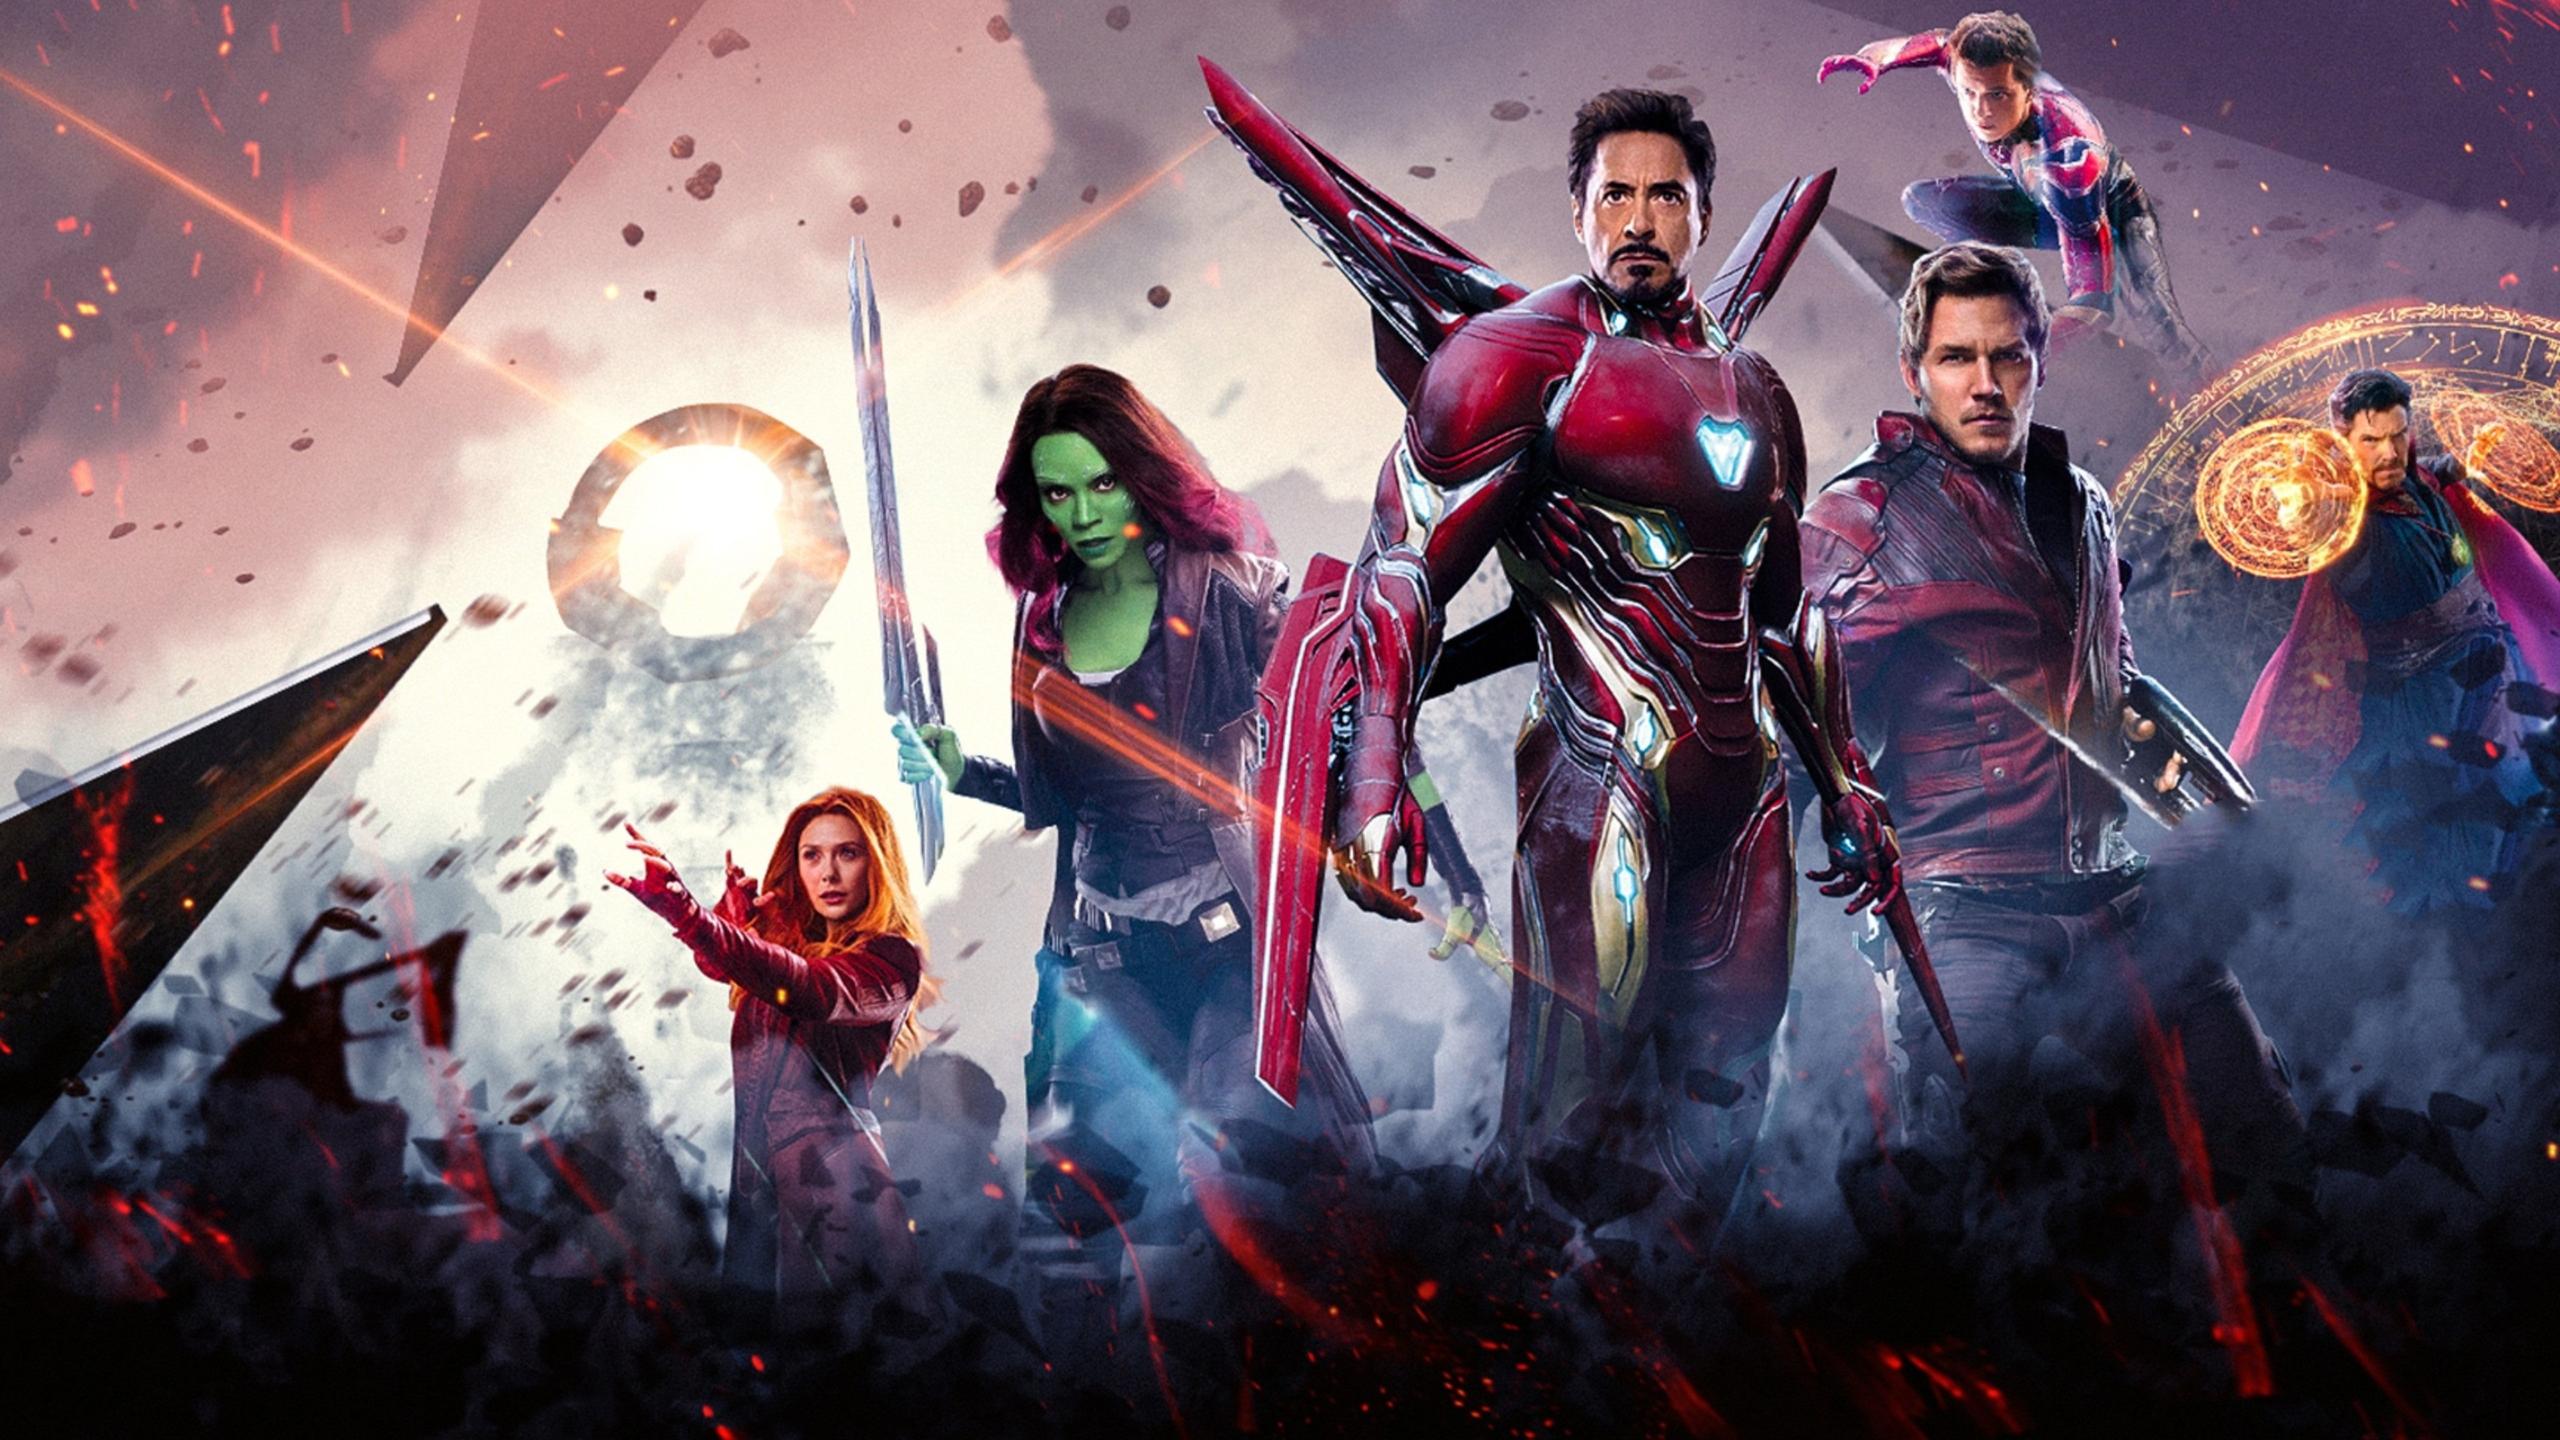 4k Avengers BackgroundWallpaper